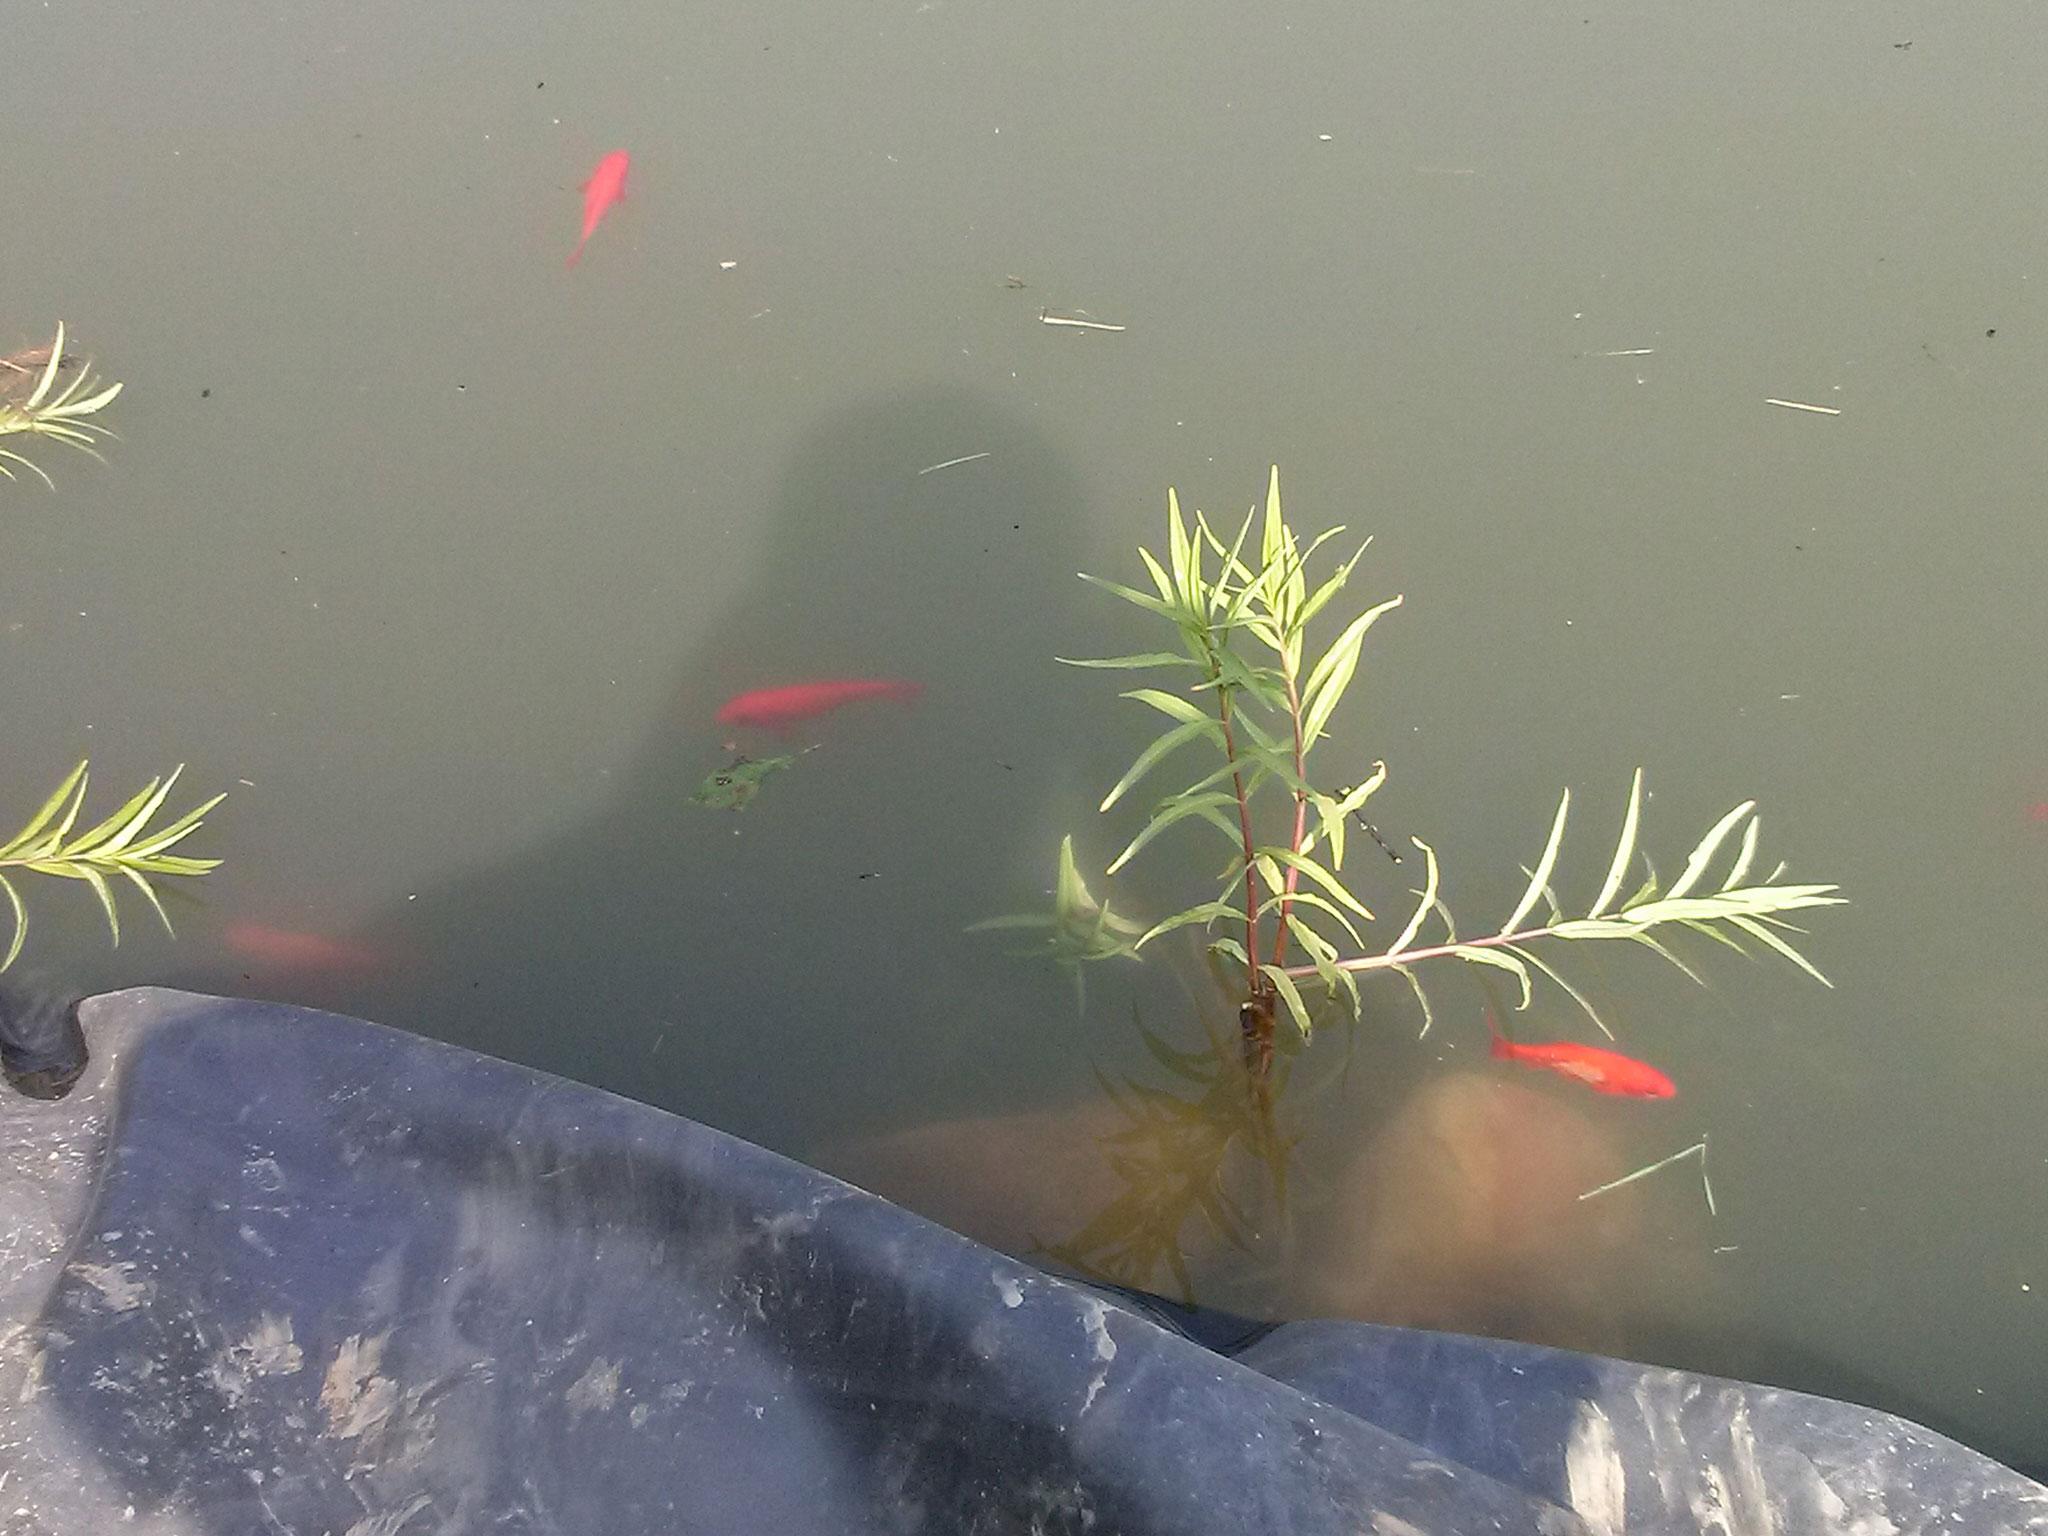 Weitere Pflanzen werden auf die neue Kante gepflanzt, die Fische nehmen den neuen Teich gut an.